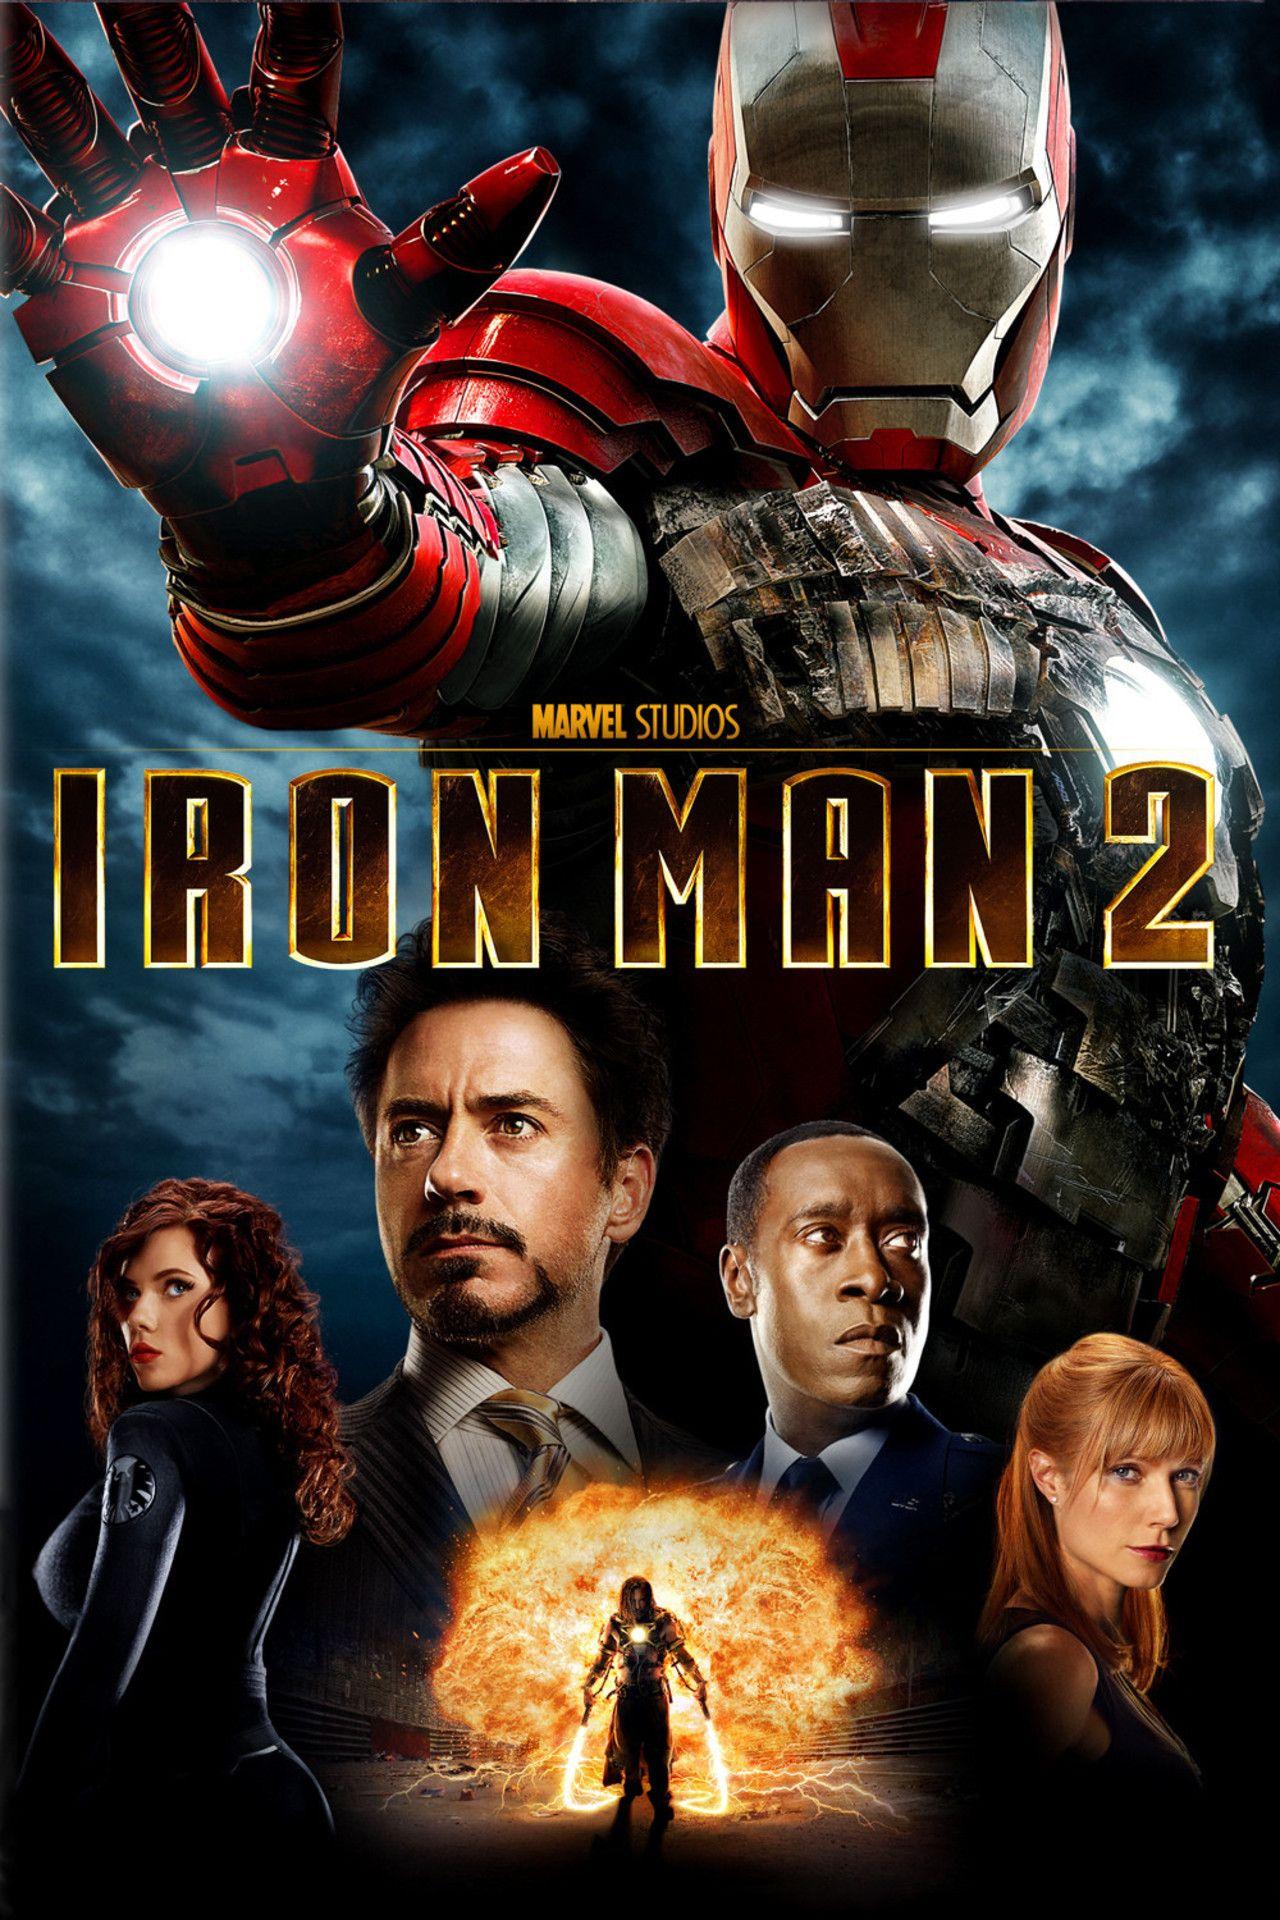 Iron man 2 2010 directed by jon favreau starring robert